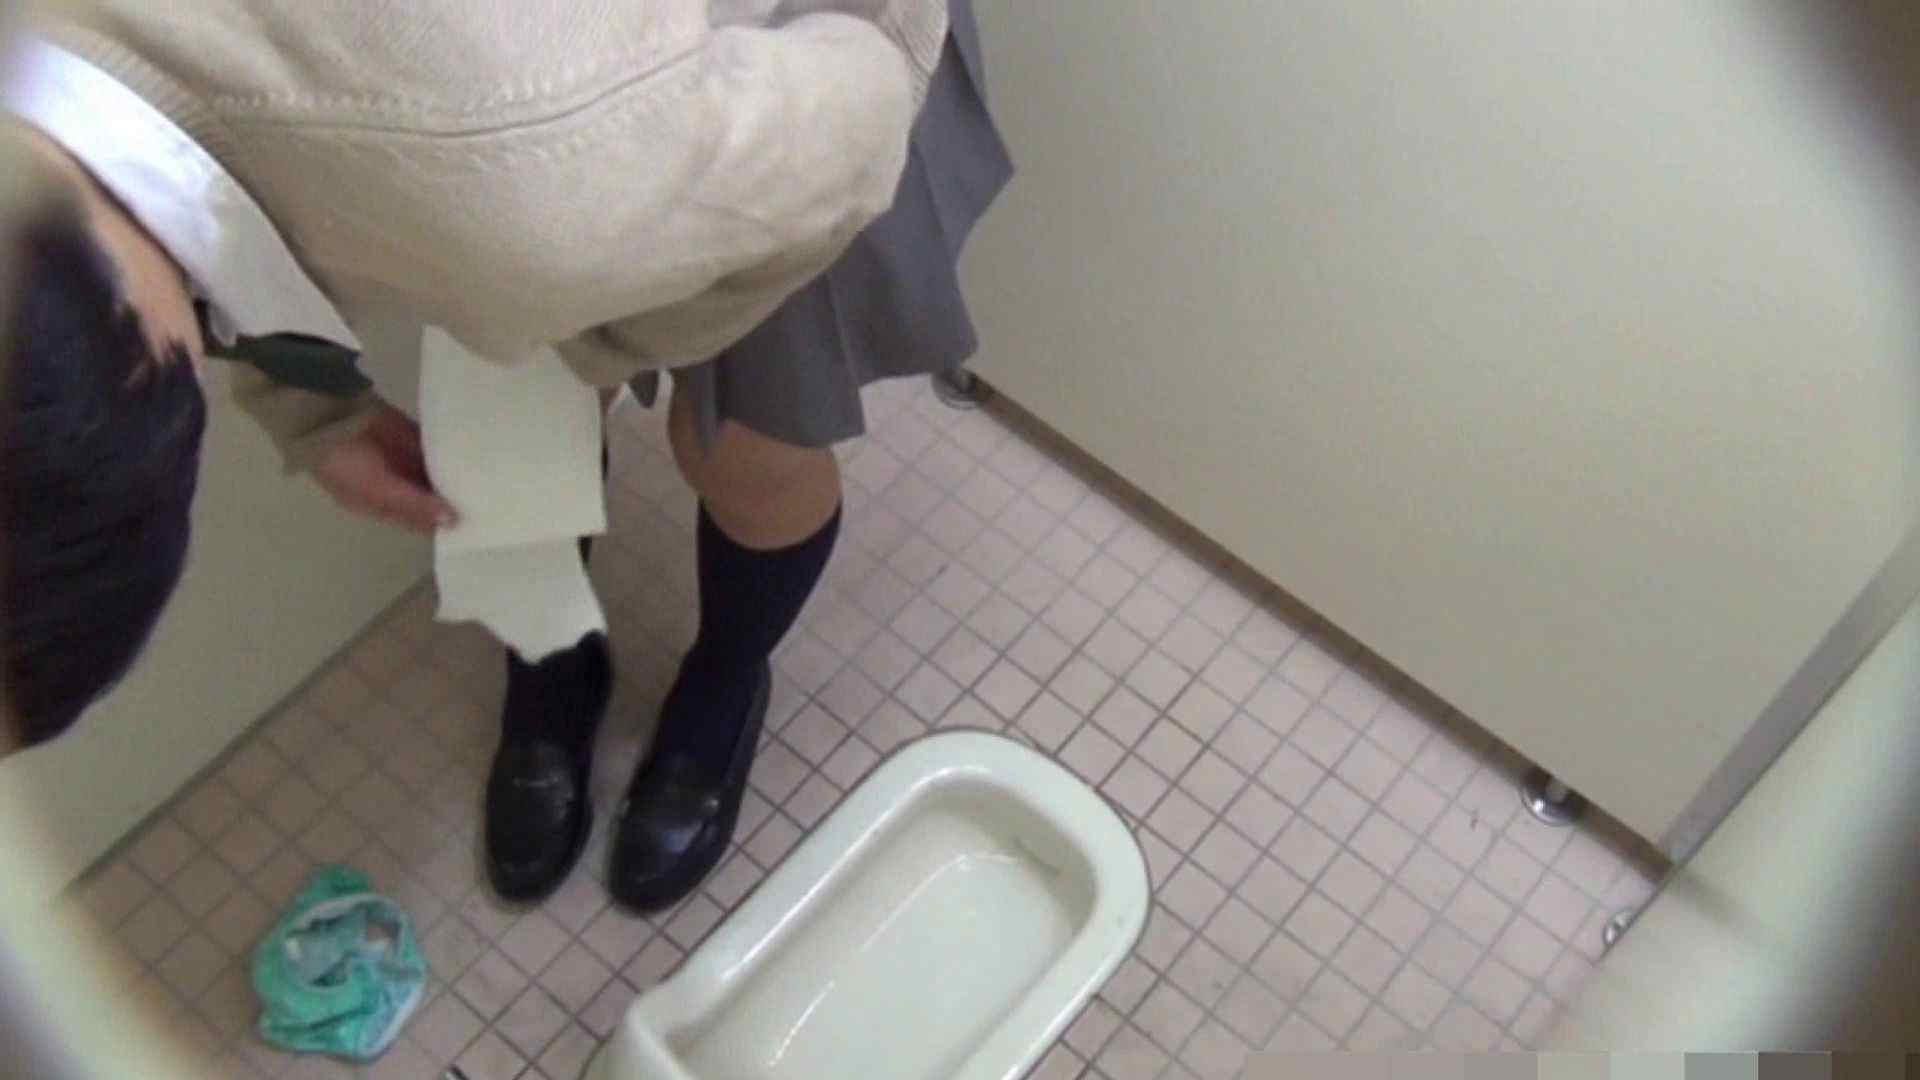 いつどこでオナニーしたっていいじゃない Vol.41 トイレの中の女の子 おまんこ無修正動画無料 78連発 18